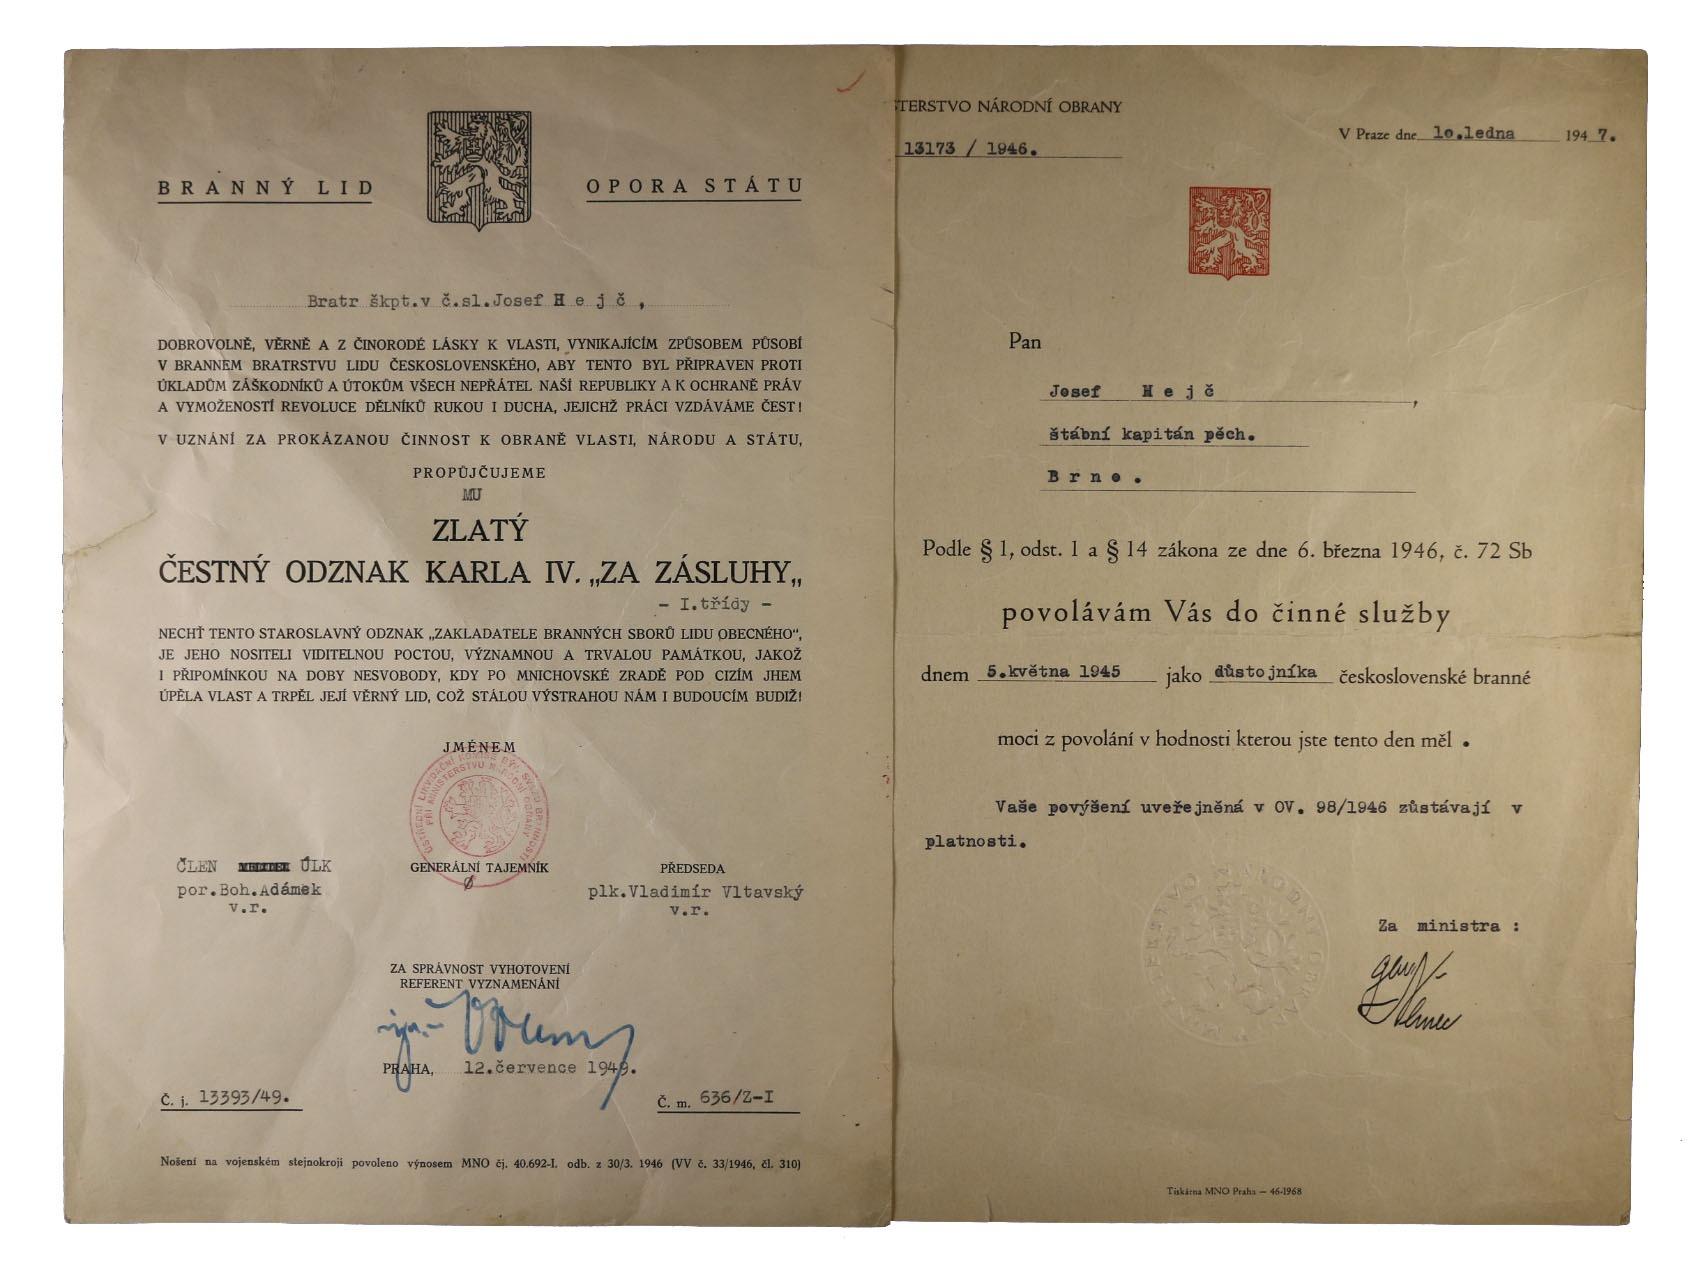 Dekret na čestný odznak Karla IV., Zlatý čestný odznak 1. třídy za zásluhy k tomu povolání do činné služby